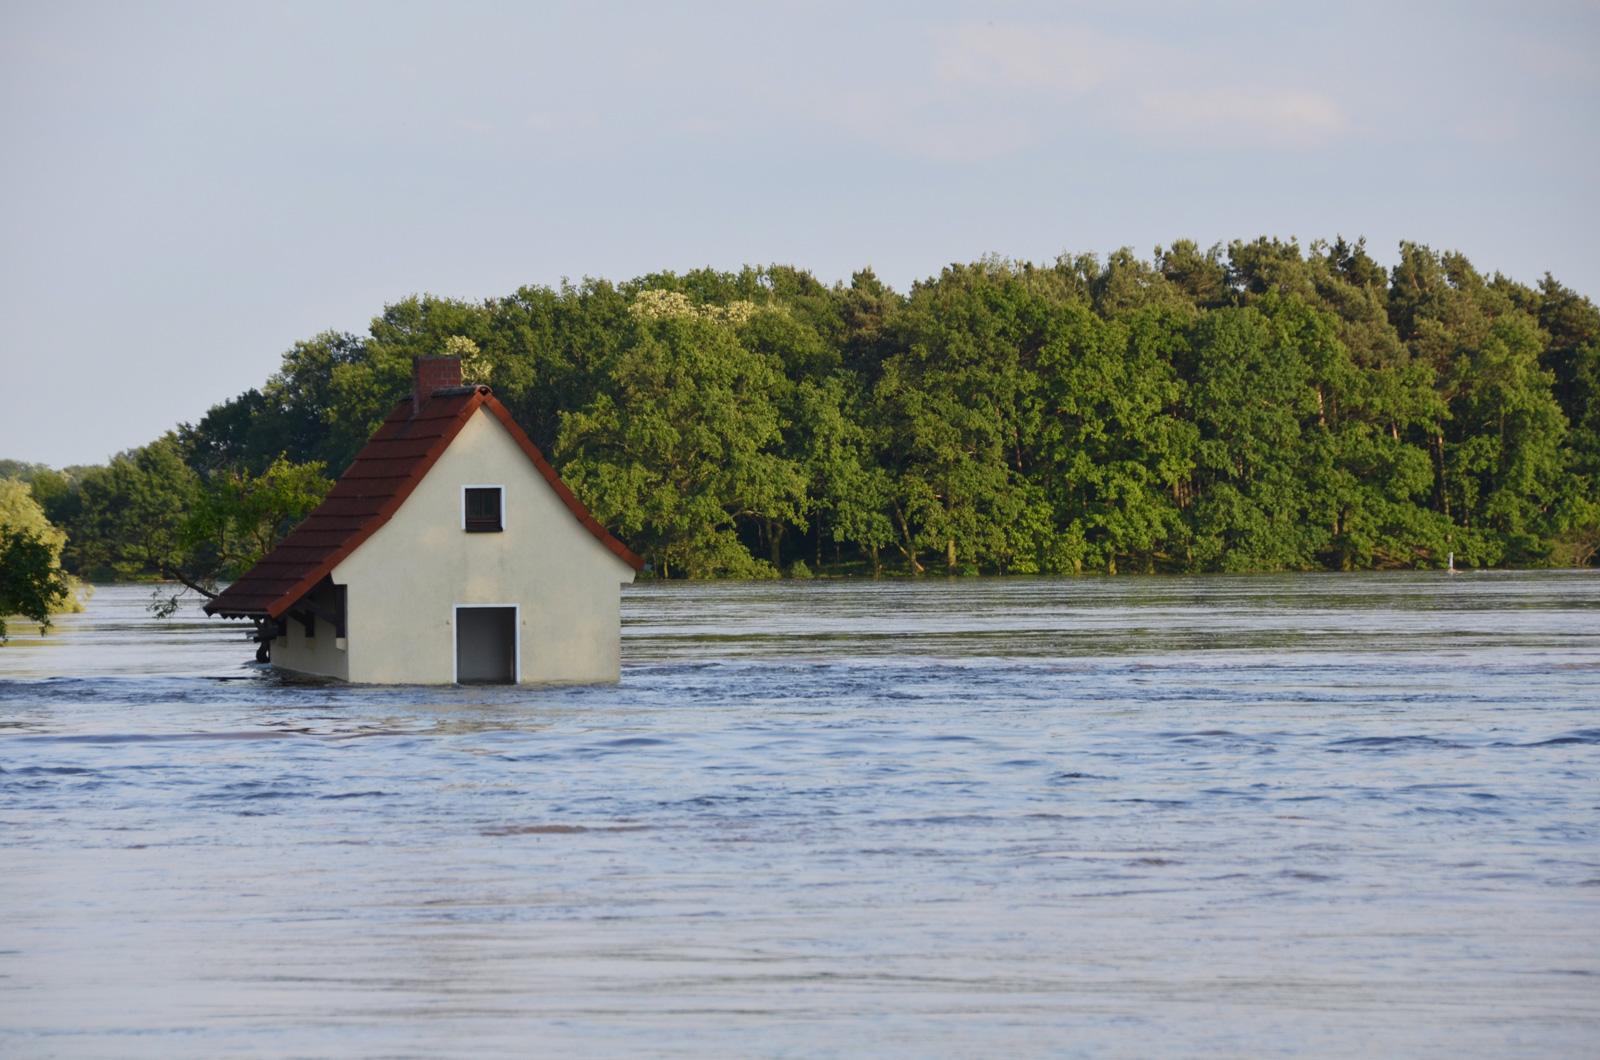 Extremwetter: Die Jahrhundertflut 2002 war der Auslöser für die Gründung des Wetterdienstes Ubimet.